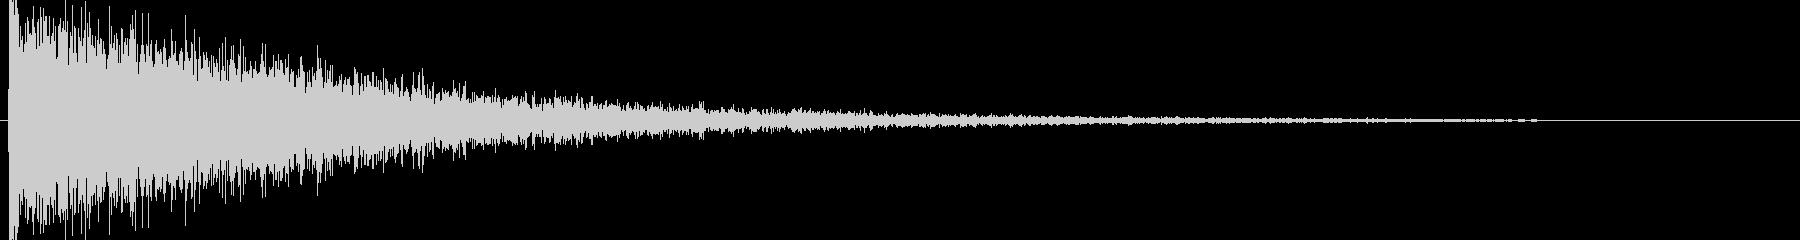 映画告知音58 ドーンの未再生の波形